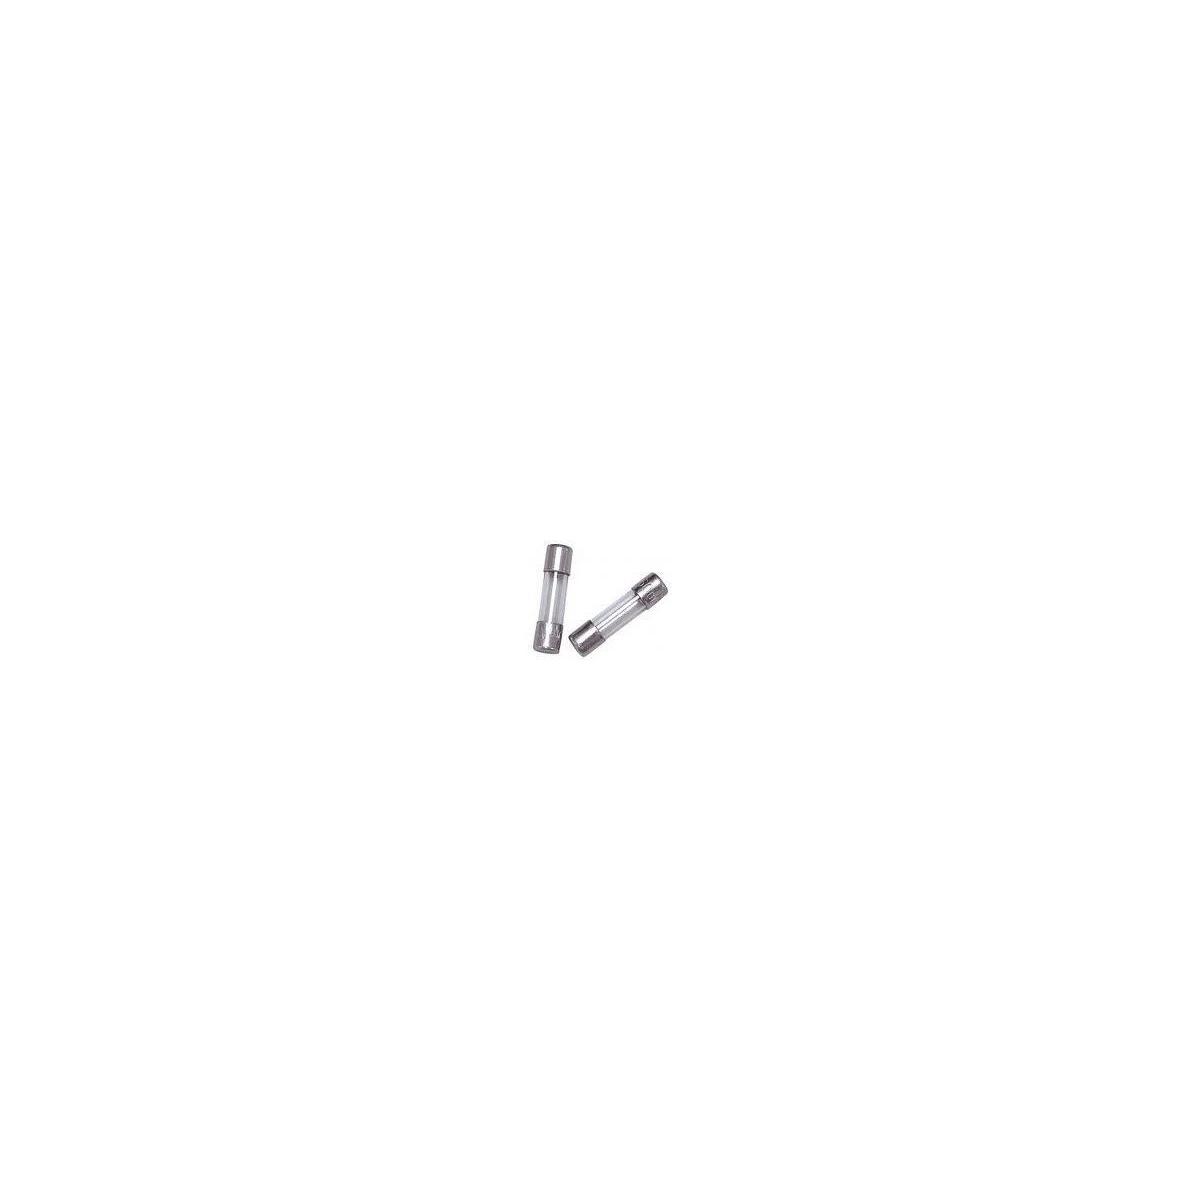 FUSIVEL - F RAPIDO 5X20MM (PACOTE COM 10 UNIDADES )-    0,25A